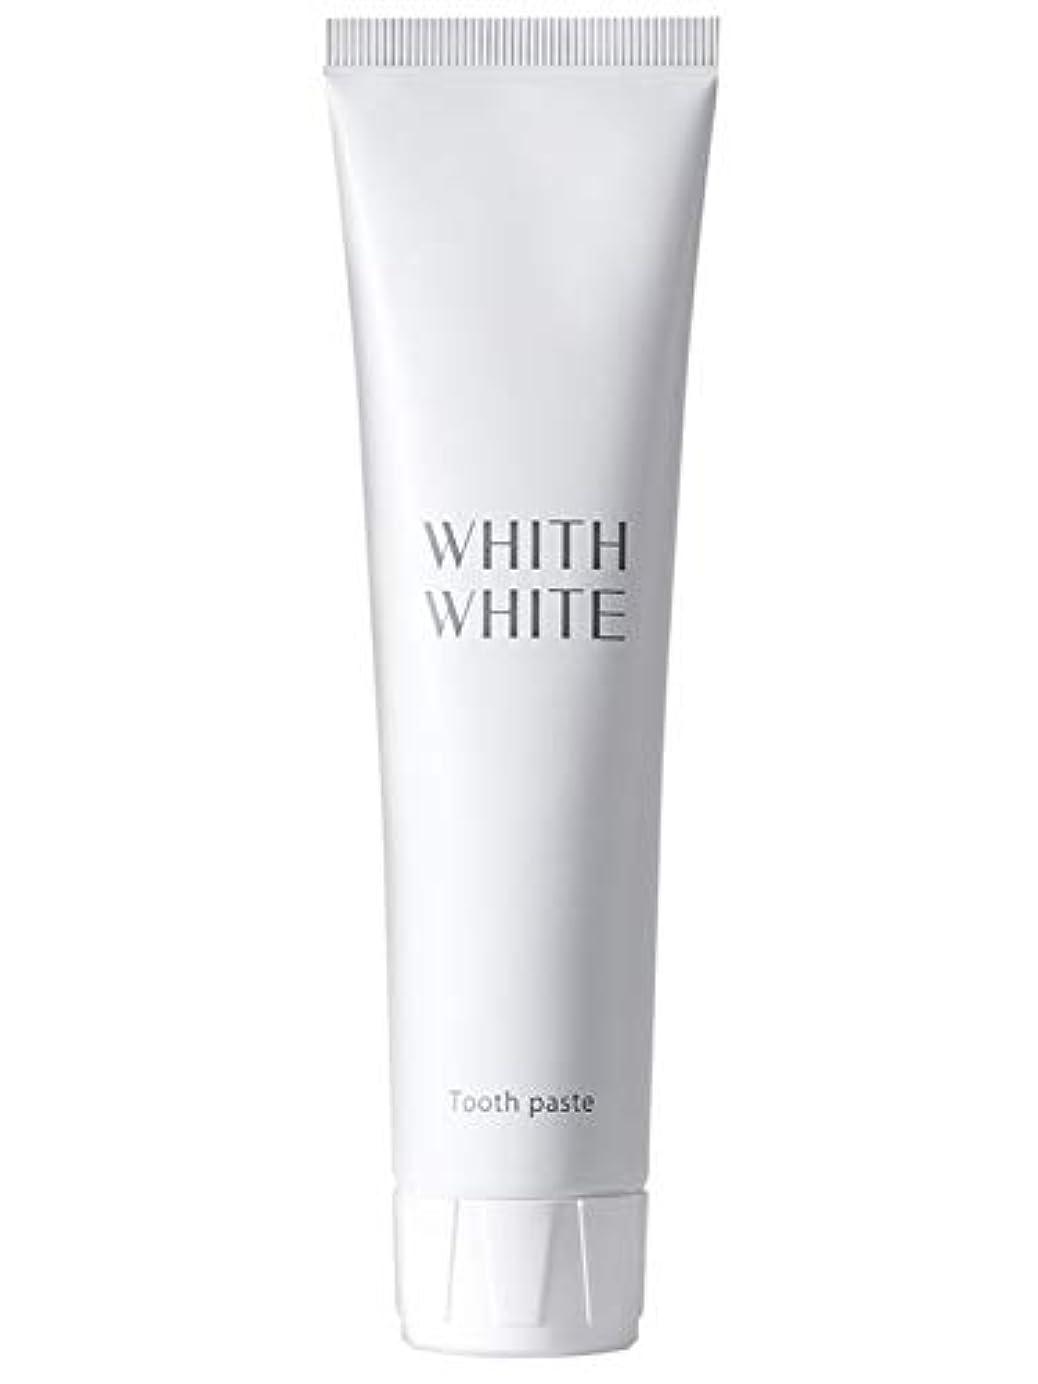 強調するすり減るきょうだい歯磨き粉 ホワイトニング フィス ホワイト 医薬部外品 薬用 歯磨き 【 歯周病 口臭予防 フッ素 キシリトール 配合 】「 歯 を 白く する はみがき粉 」「 子供 にも使える 大人 こども 日本製 120g 」